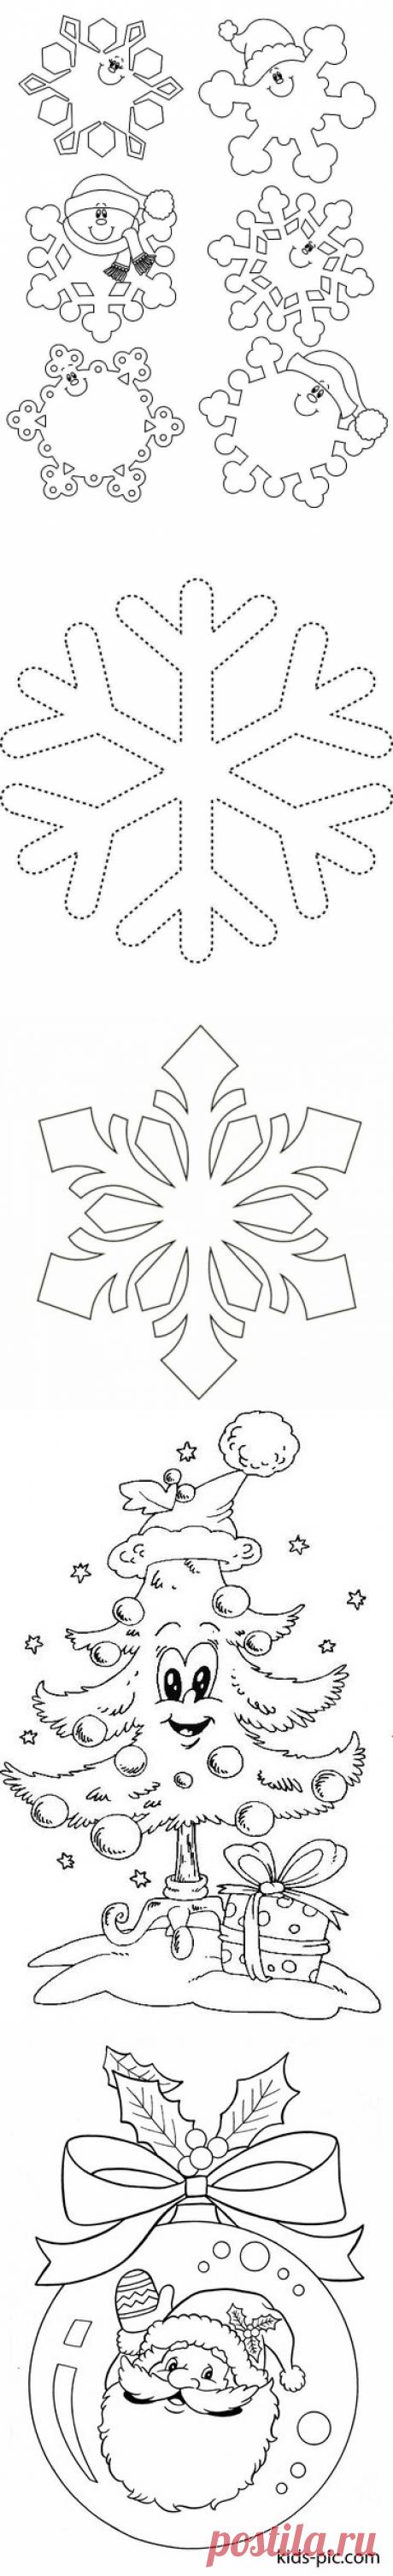 18 карточек в коллекции «раскраски для детей новый год» пользователя Галина Д. в Яндекс.Коллекциях